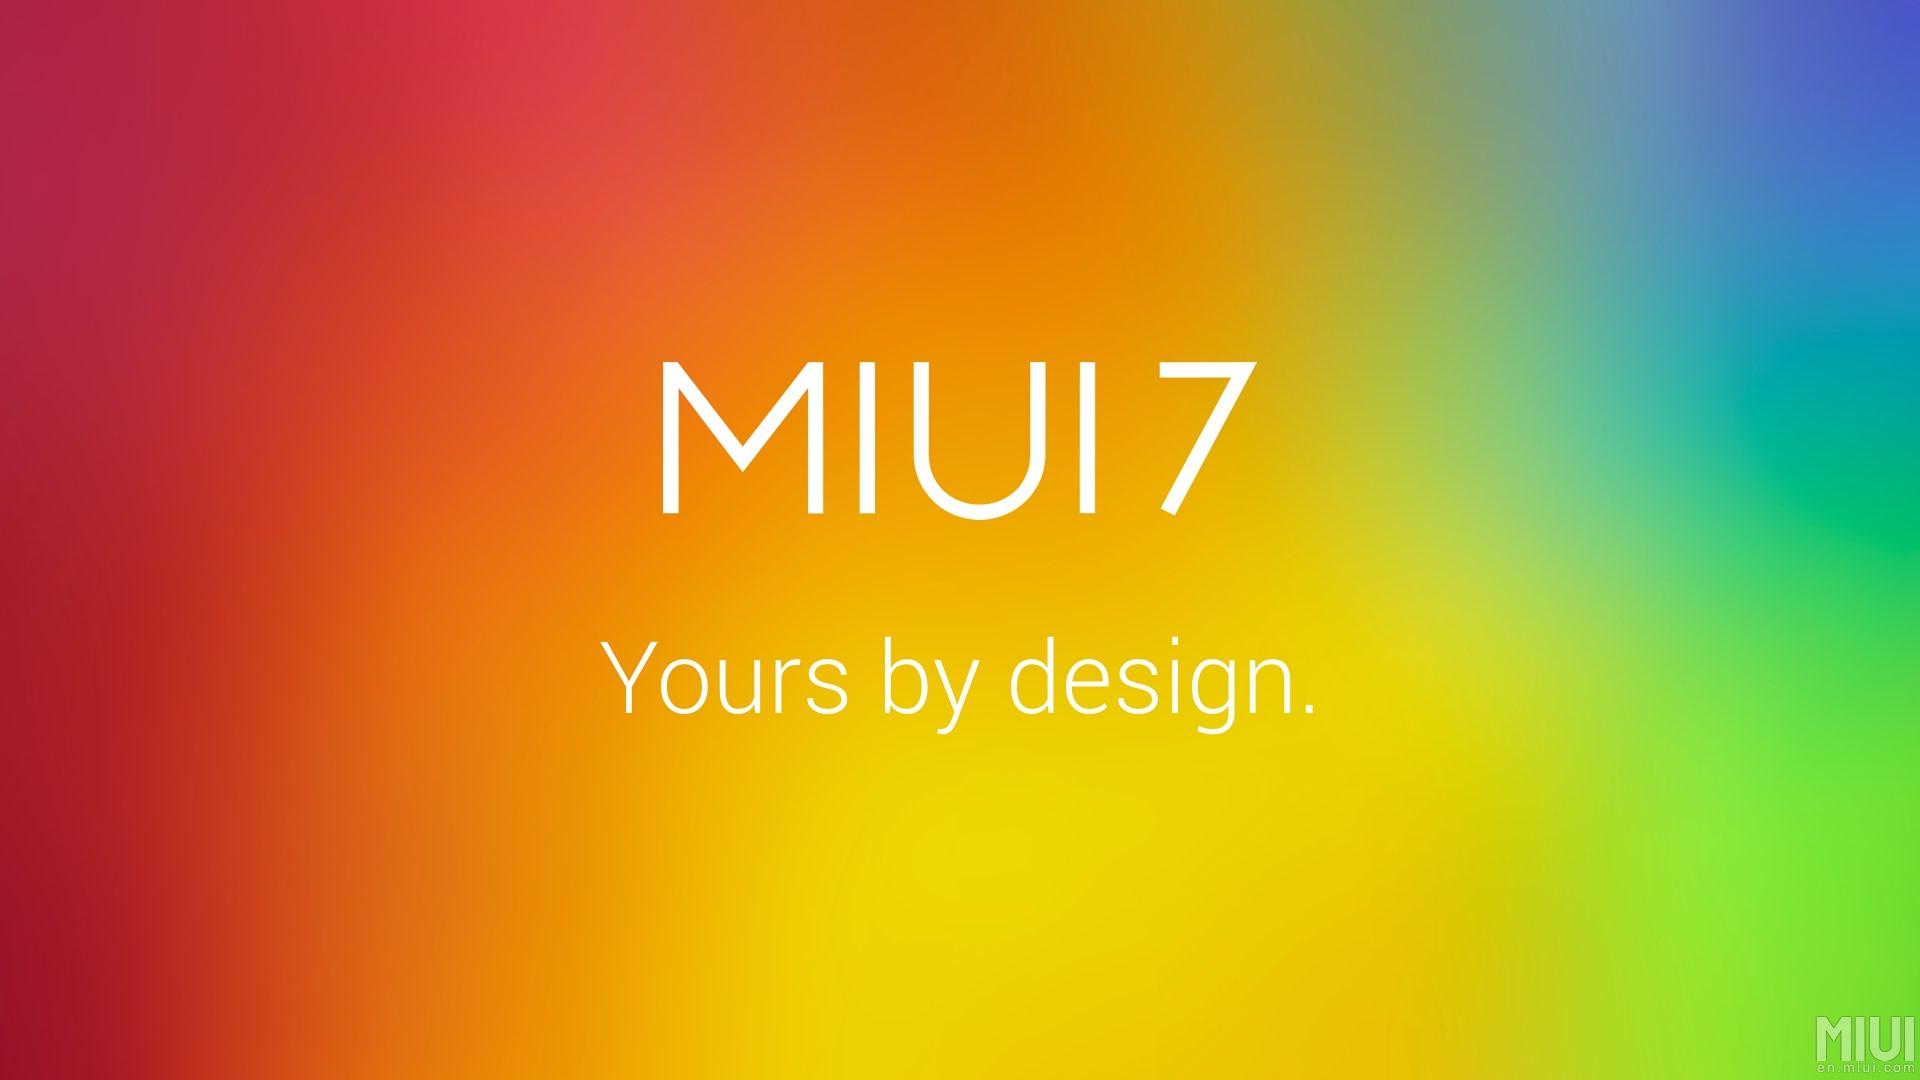 MIUI 7 commence son déploiement global